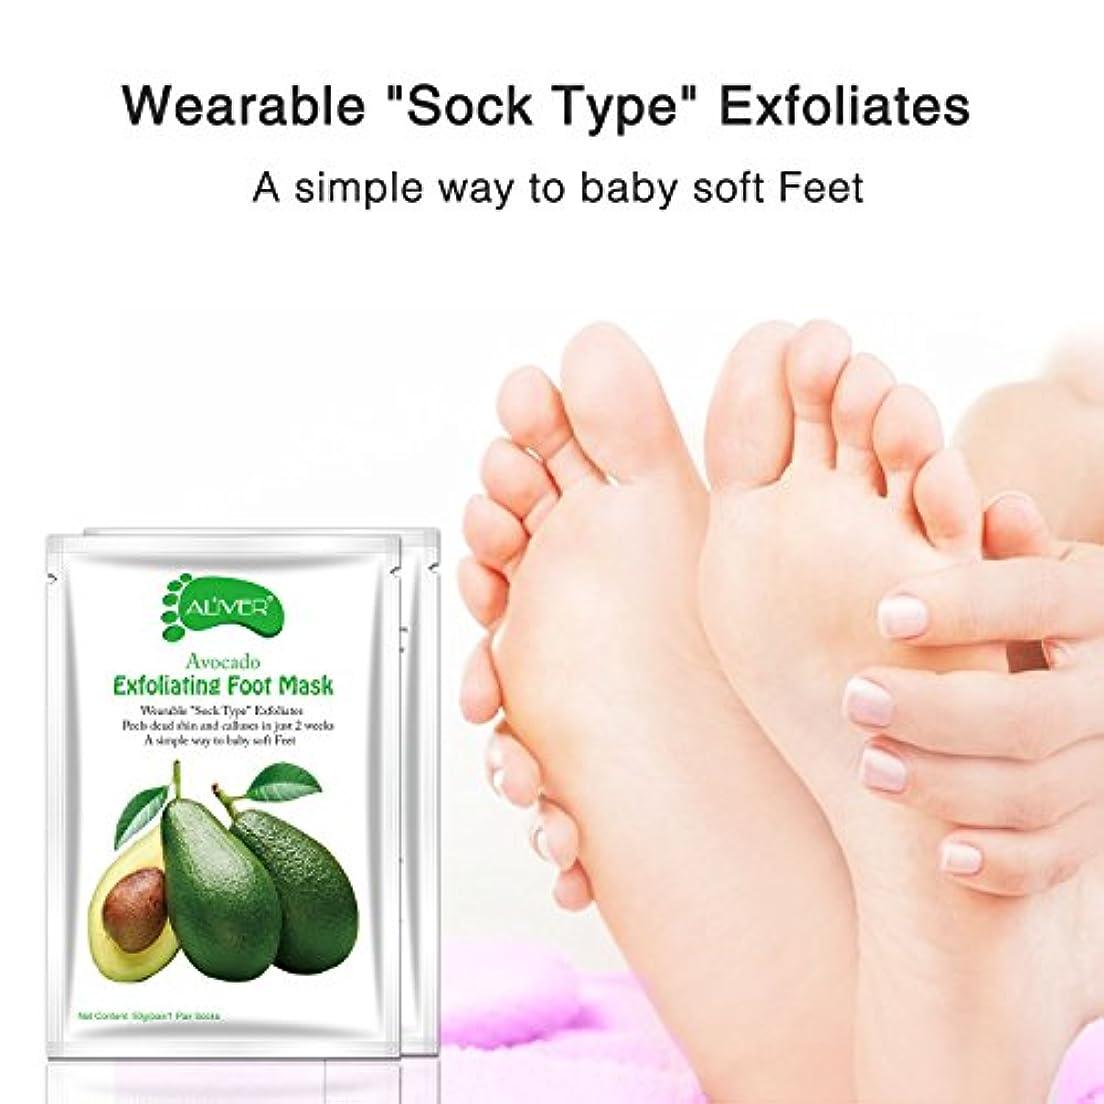 に話すジャーナリストほのめかす(5袋セット)Aliver足膜古い繭の死皮や角質を除去するために、1週間以内に柔らかい感触を得て、つるっとした足、ざらざらした足を修復します。男女ともに適用する。6種類の選択-パパイヤ足膜、バラ足膜、カモミール足膜、ラベンダー...